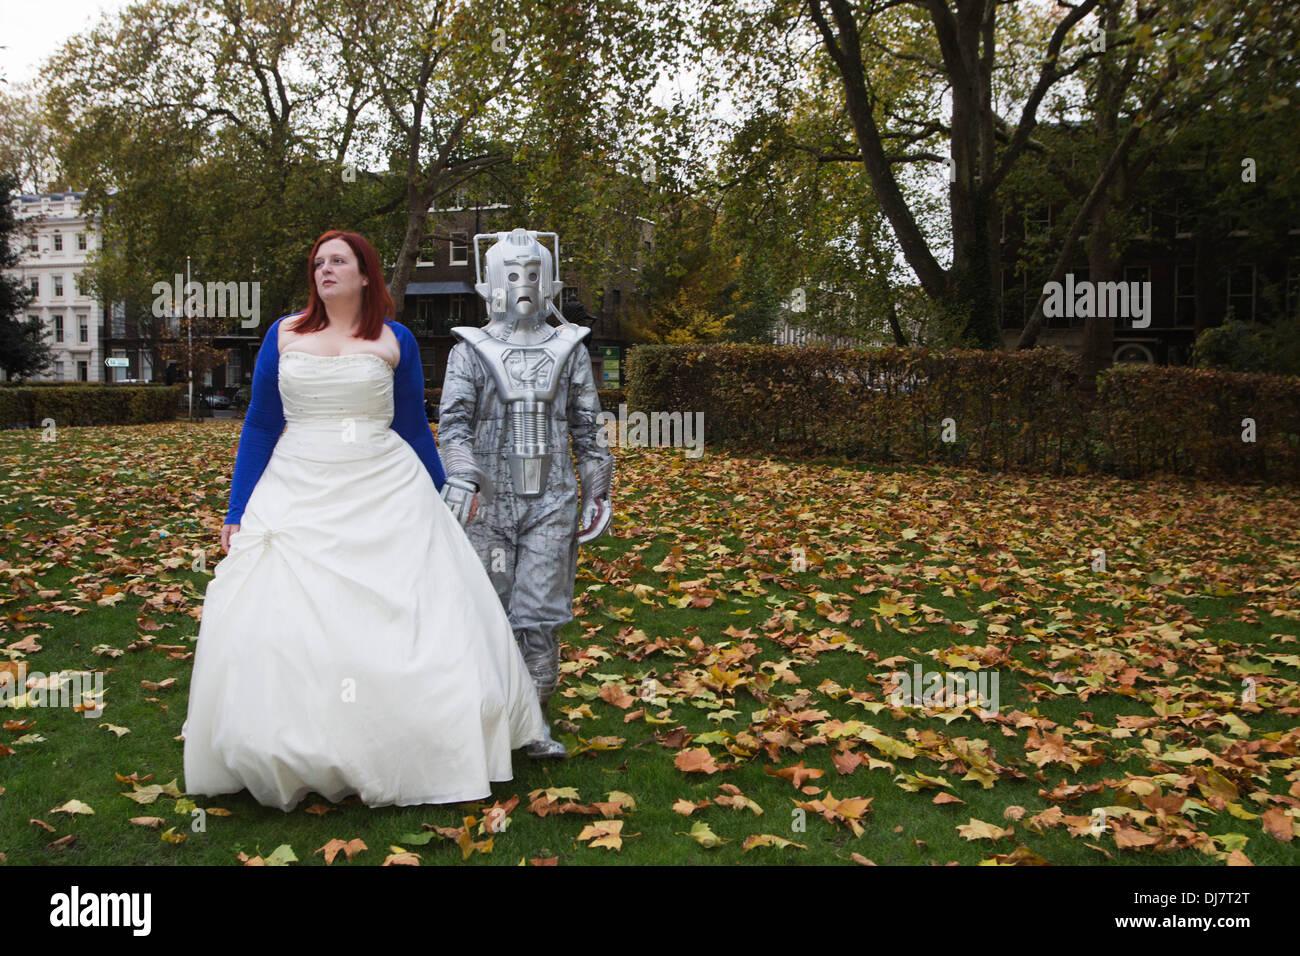 Wunderbar Kleider Hochzeit Gelübde Zu Erneuern Galerie ...